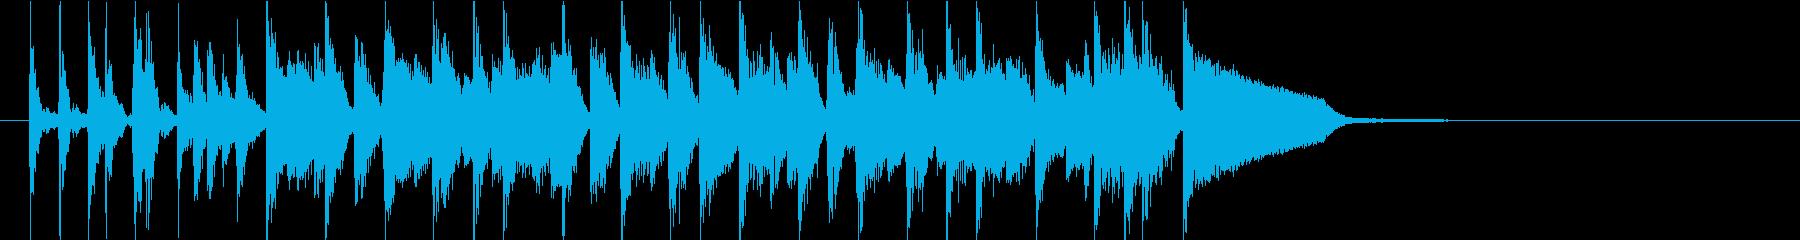 クールなジャズピアノとドラムのイントロ曲の再生済みの波形